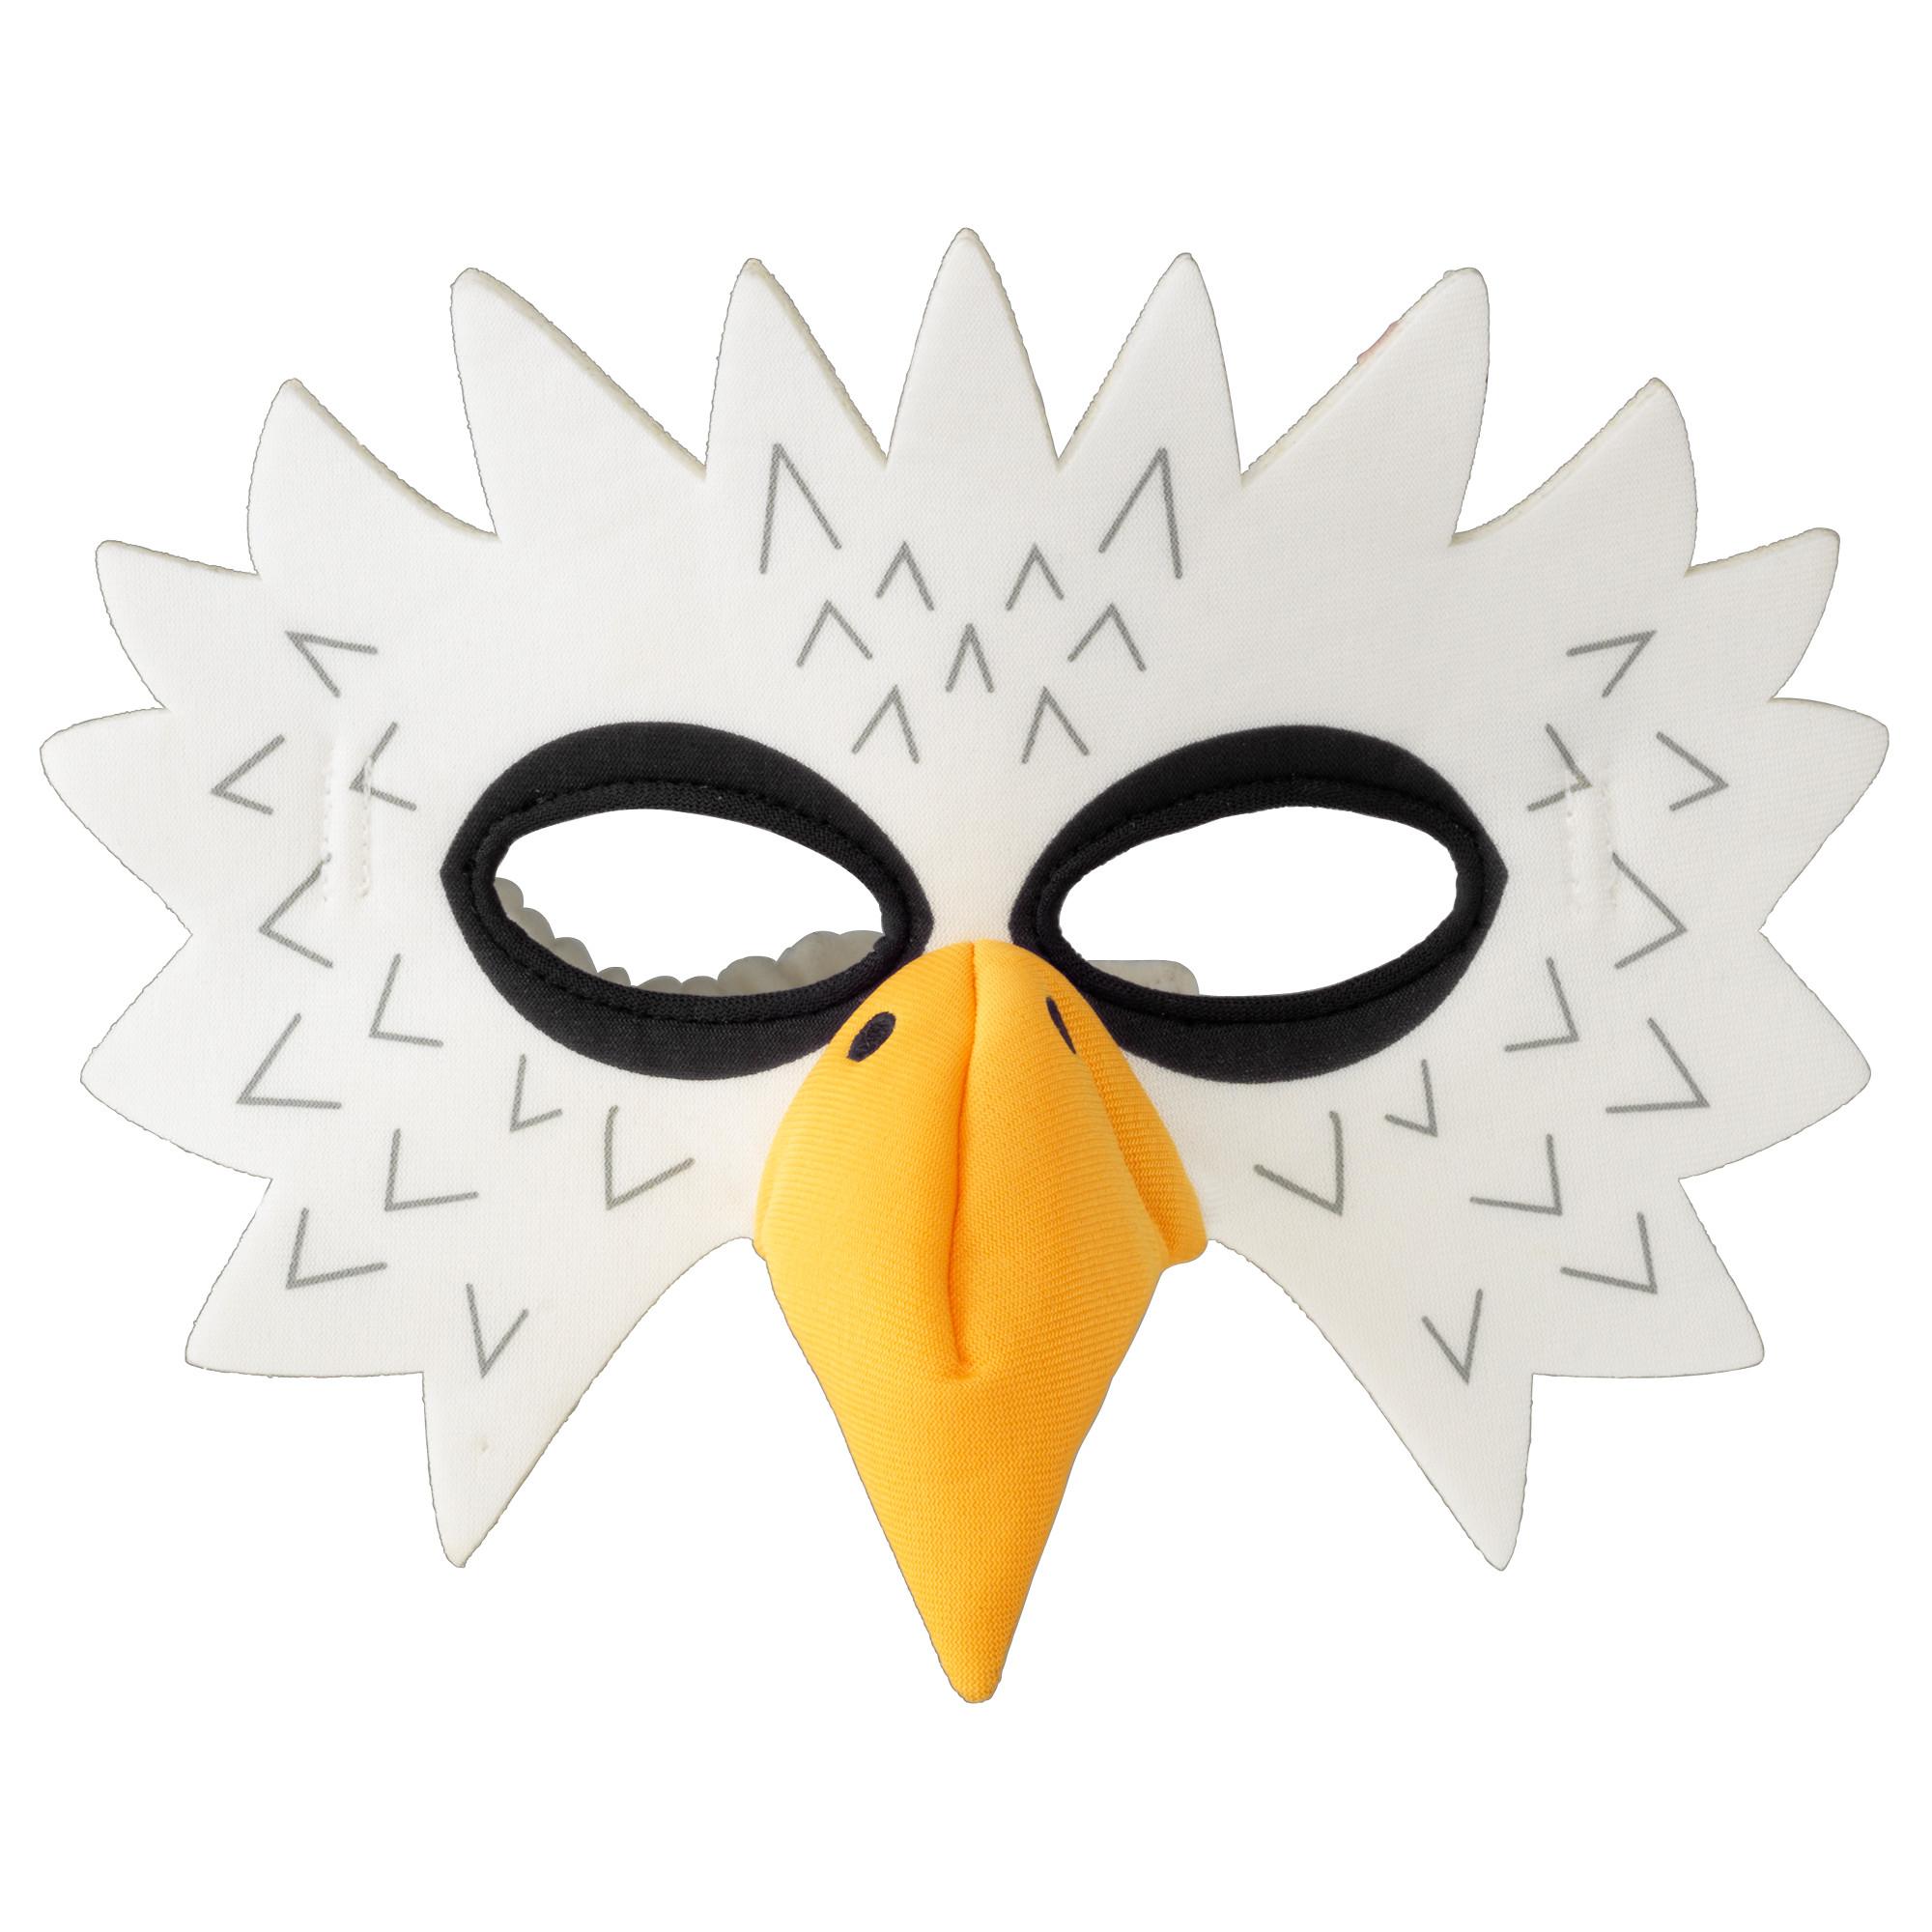 Mask clipart eagle Privacy LATTJO 1999 2017 mask